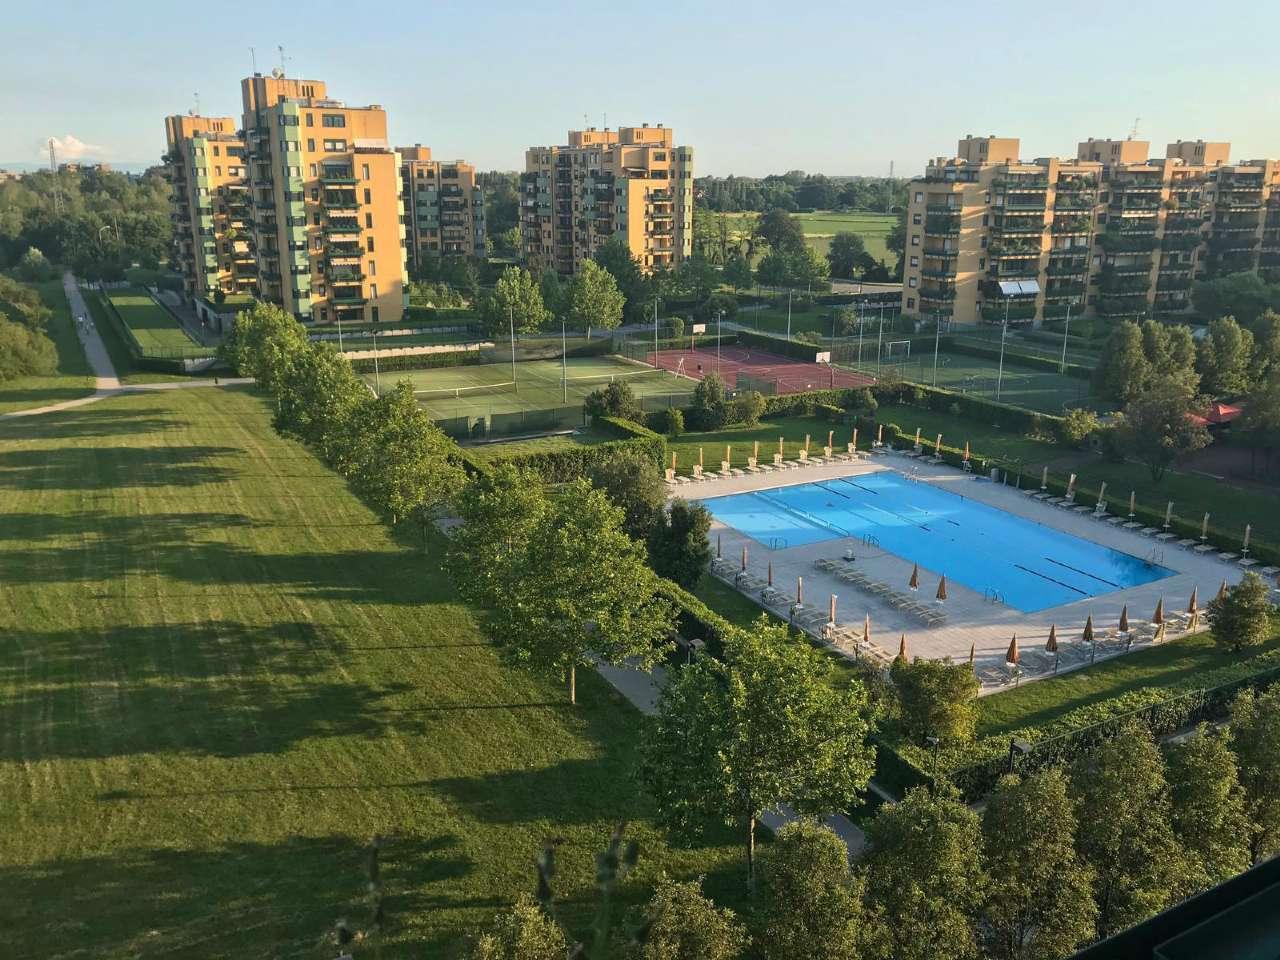 Appartamento in vendita a Segrate, 3 locali, prezzo € 420.000 | PortaleAgenzieImmobiliari.it